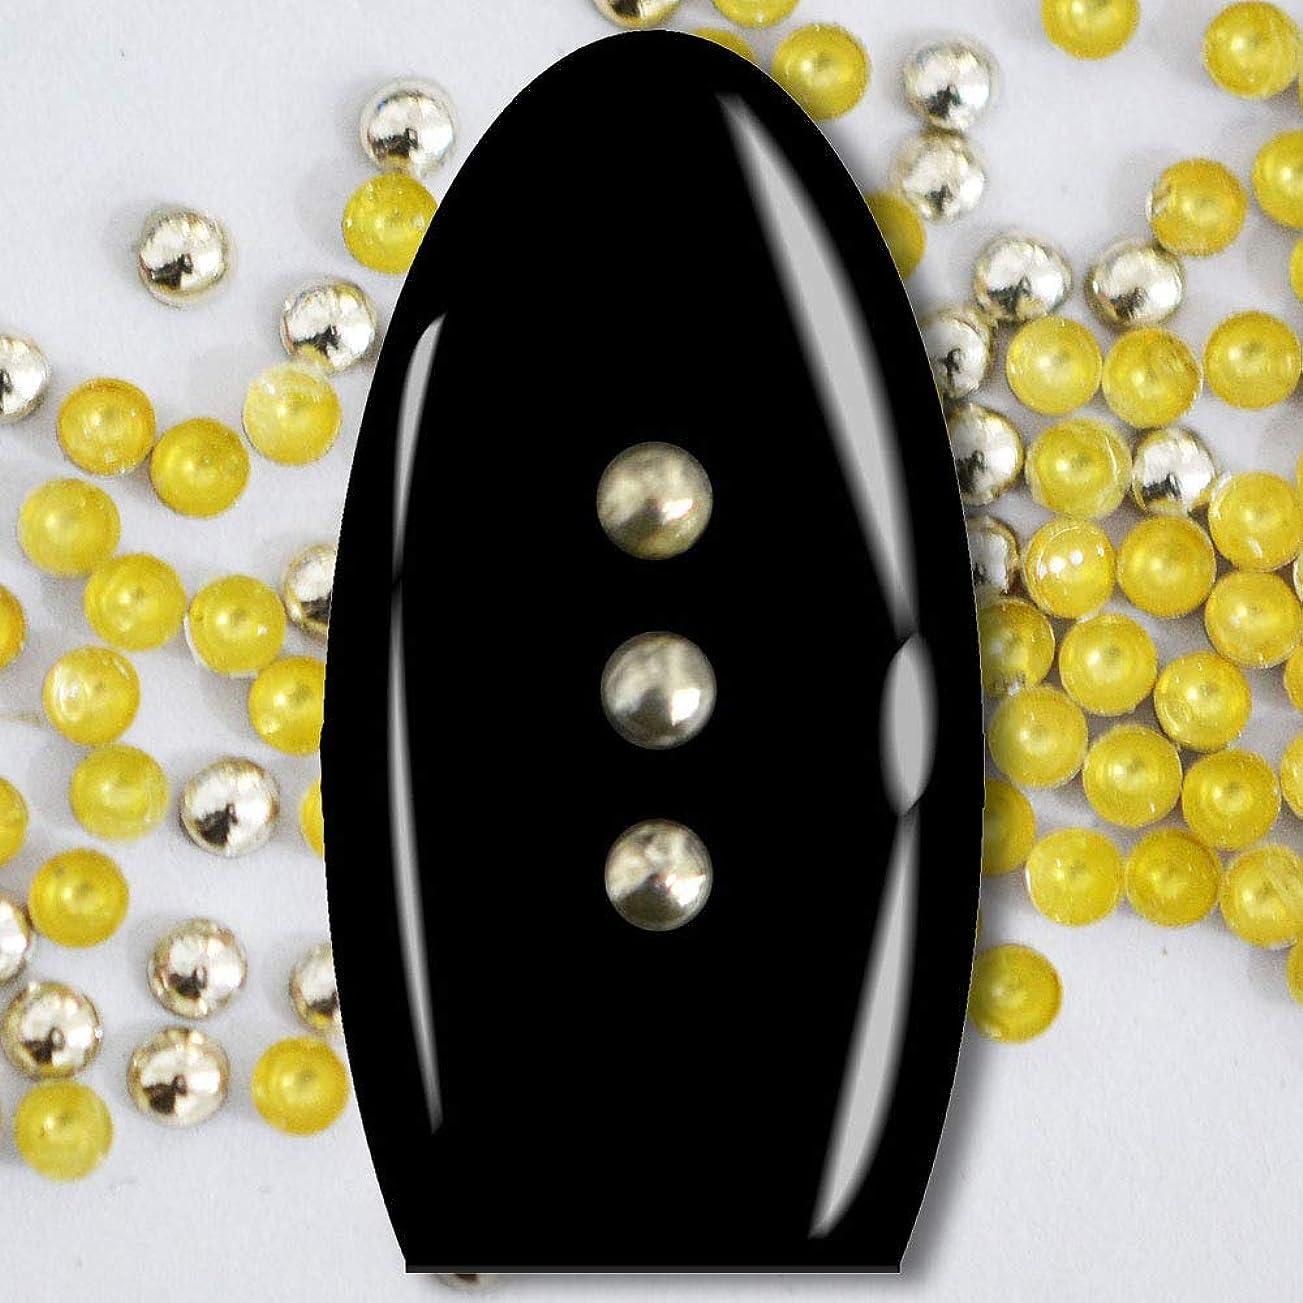 ジーンズ語鍔メタルスタッズ ネイル用 100粒 STZ020 ラウンド ライトゴールド Φ2mm ぷっくり半球型